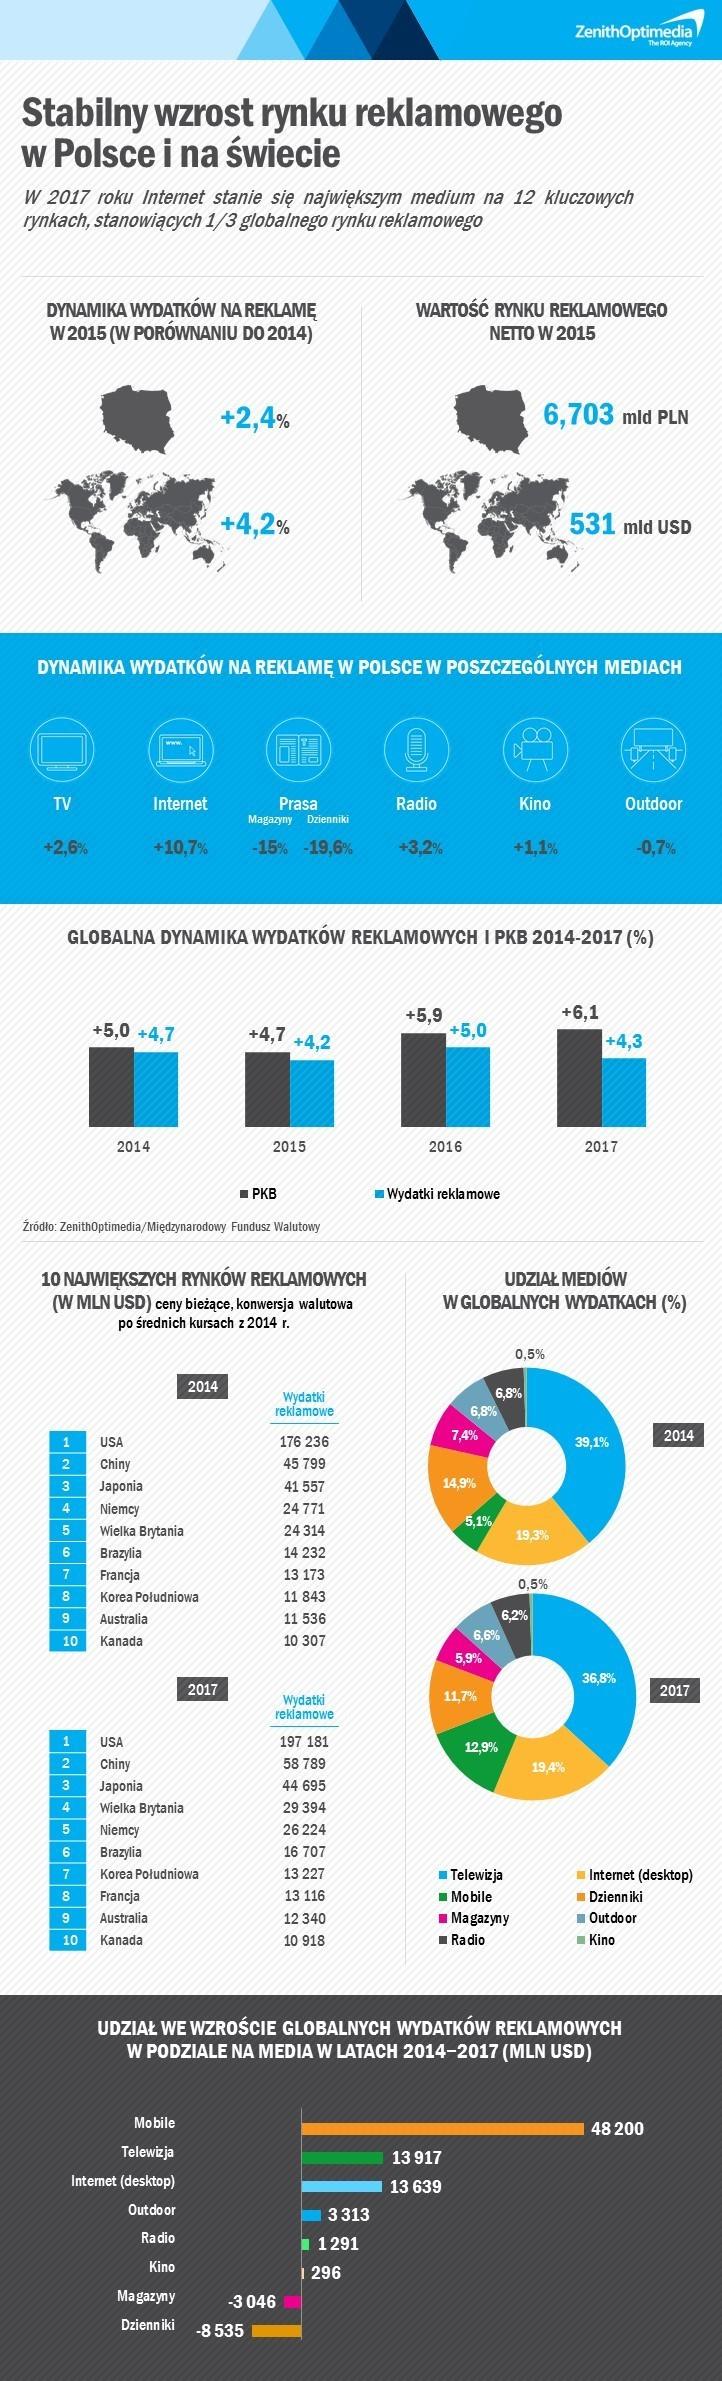 Prognoza wydatków reklamowych_ZenithOptimedia_czerwiec 2015